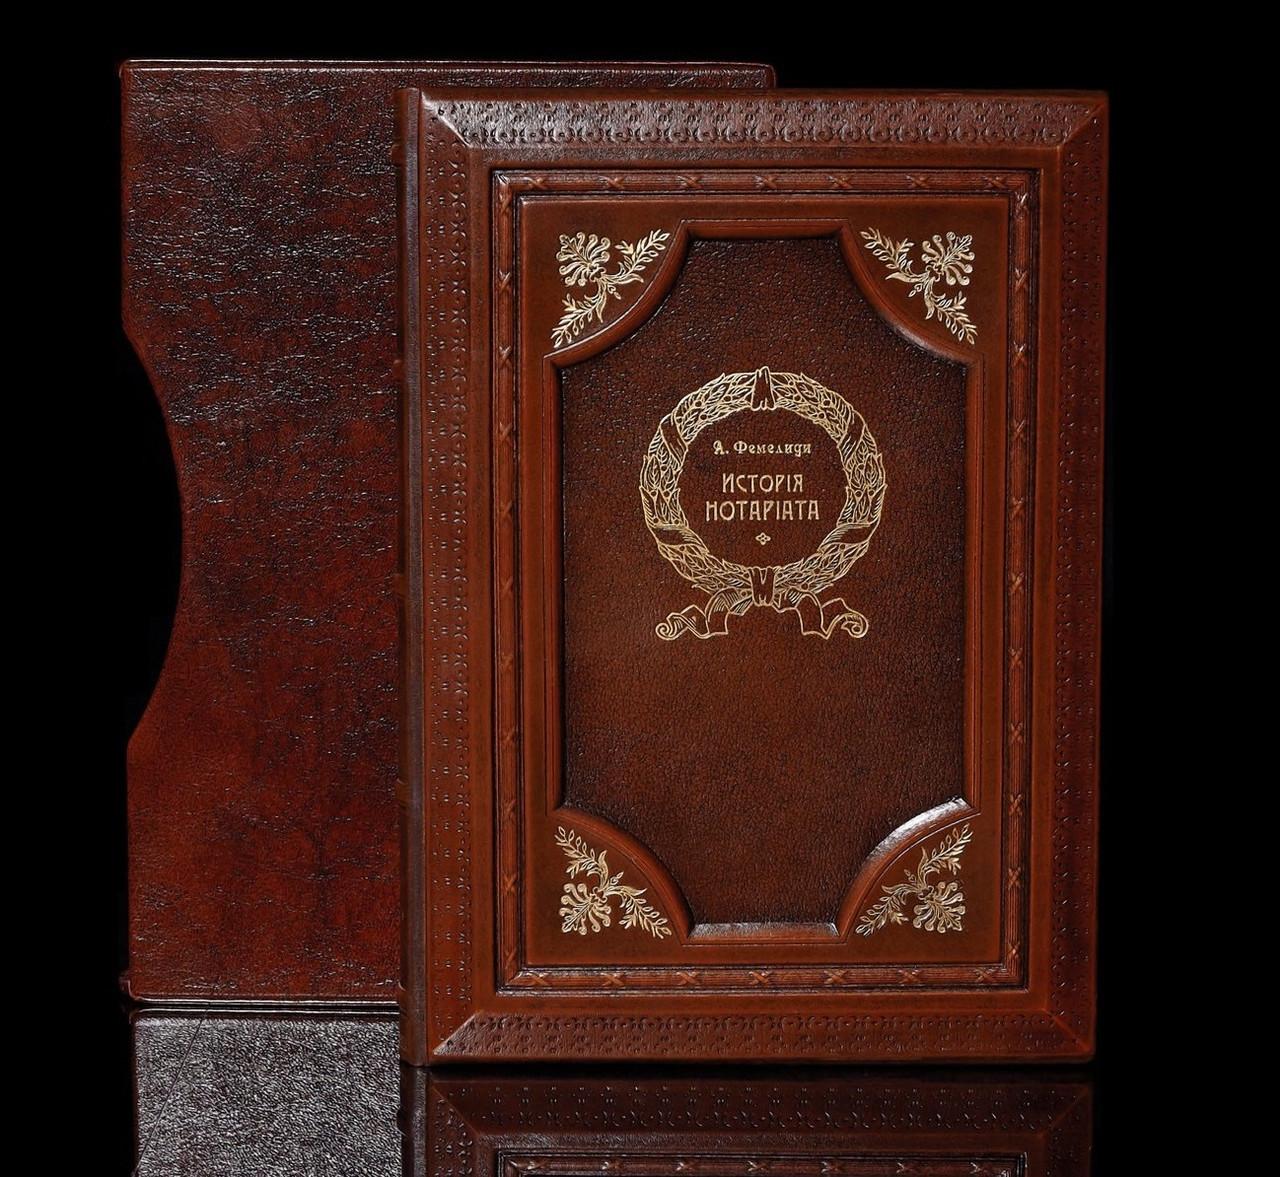 """Книга в шкіряній палітурці і подарунковому шкіряному футлярі """"Історія нотаріату"""""""